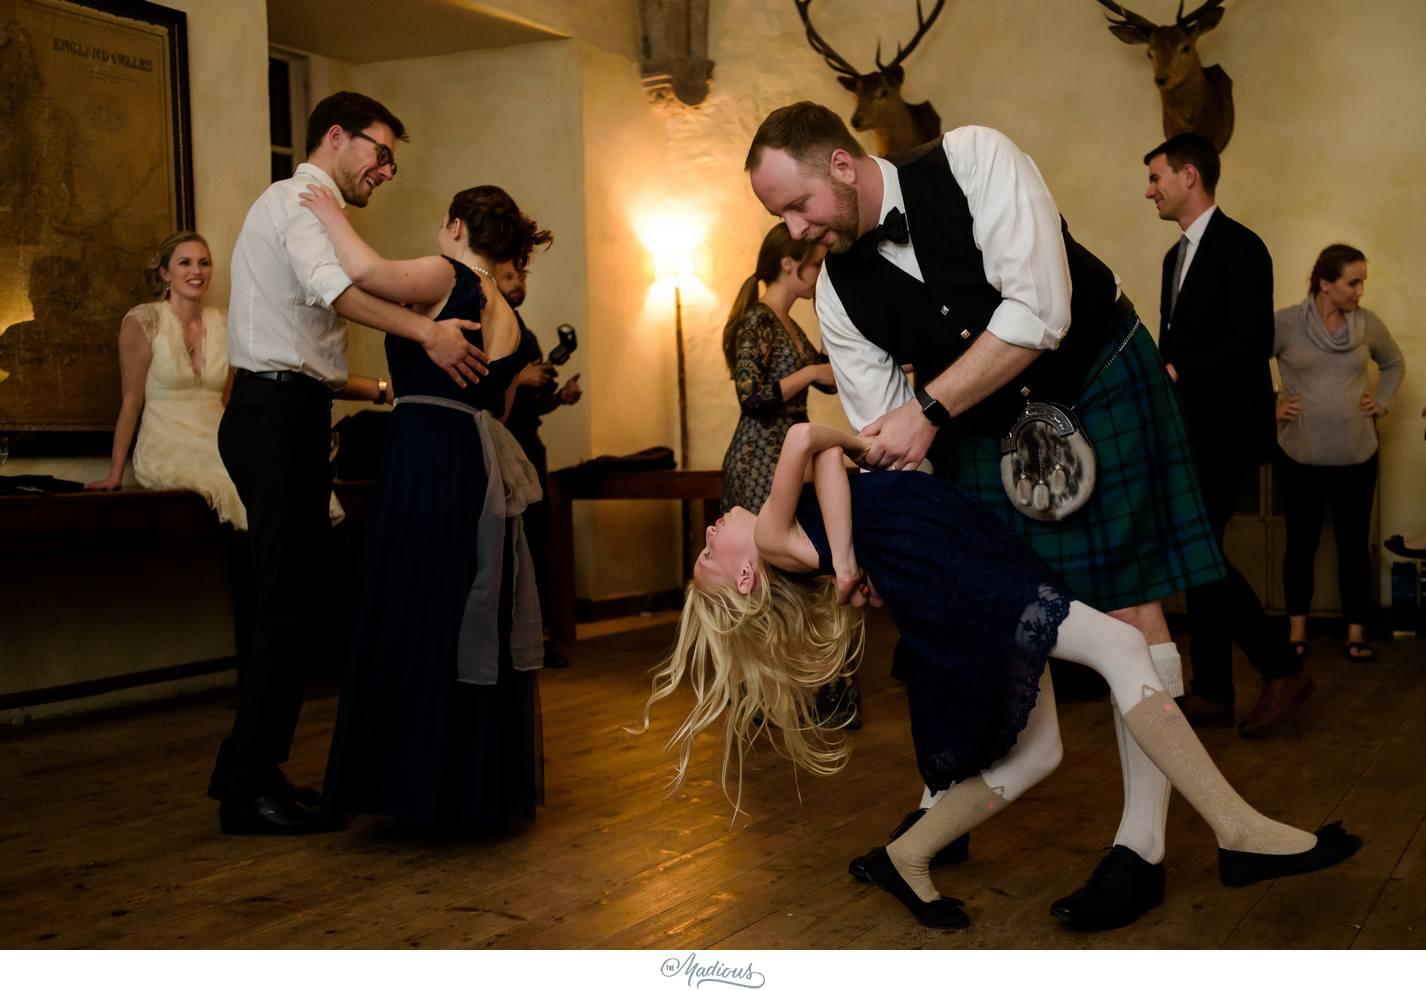 Balbegno_Dunnotar_Castle_Scottland_Wedding_68.jpg